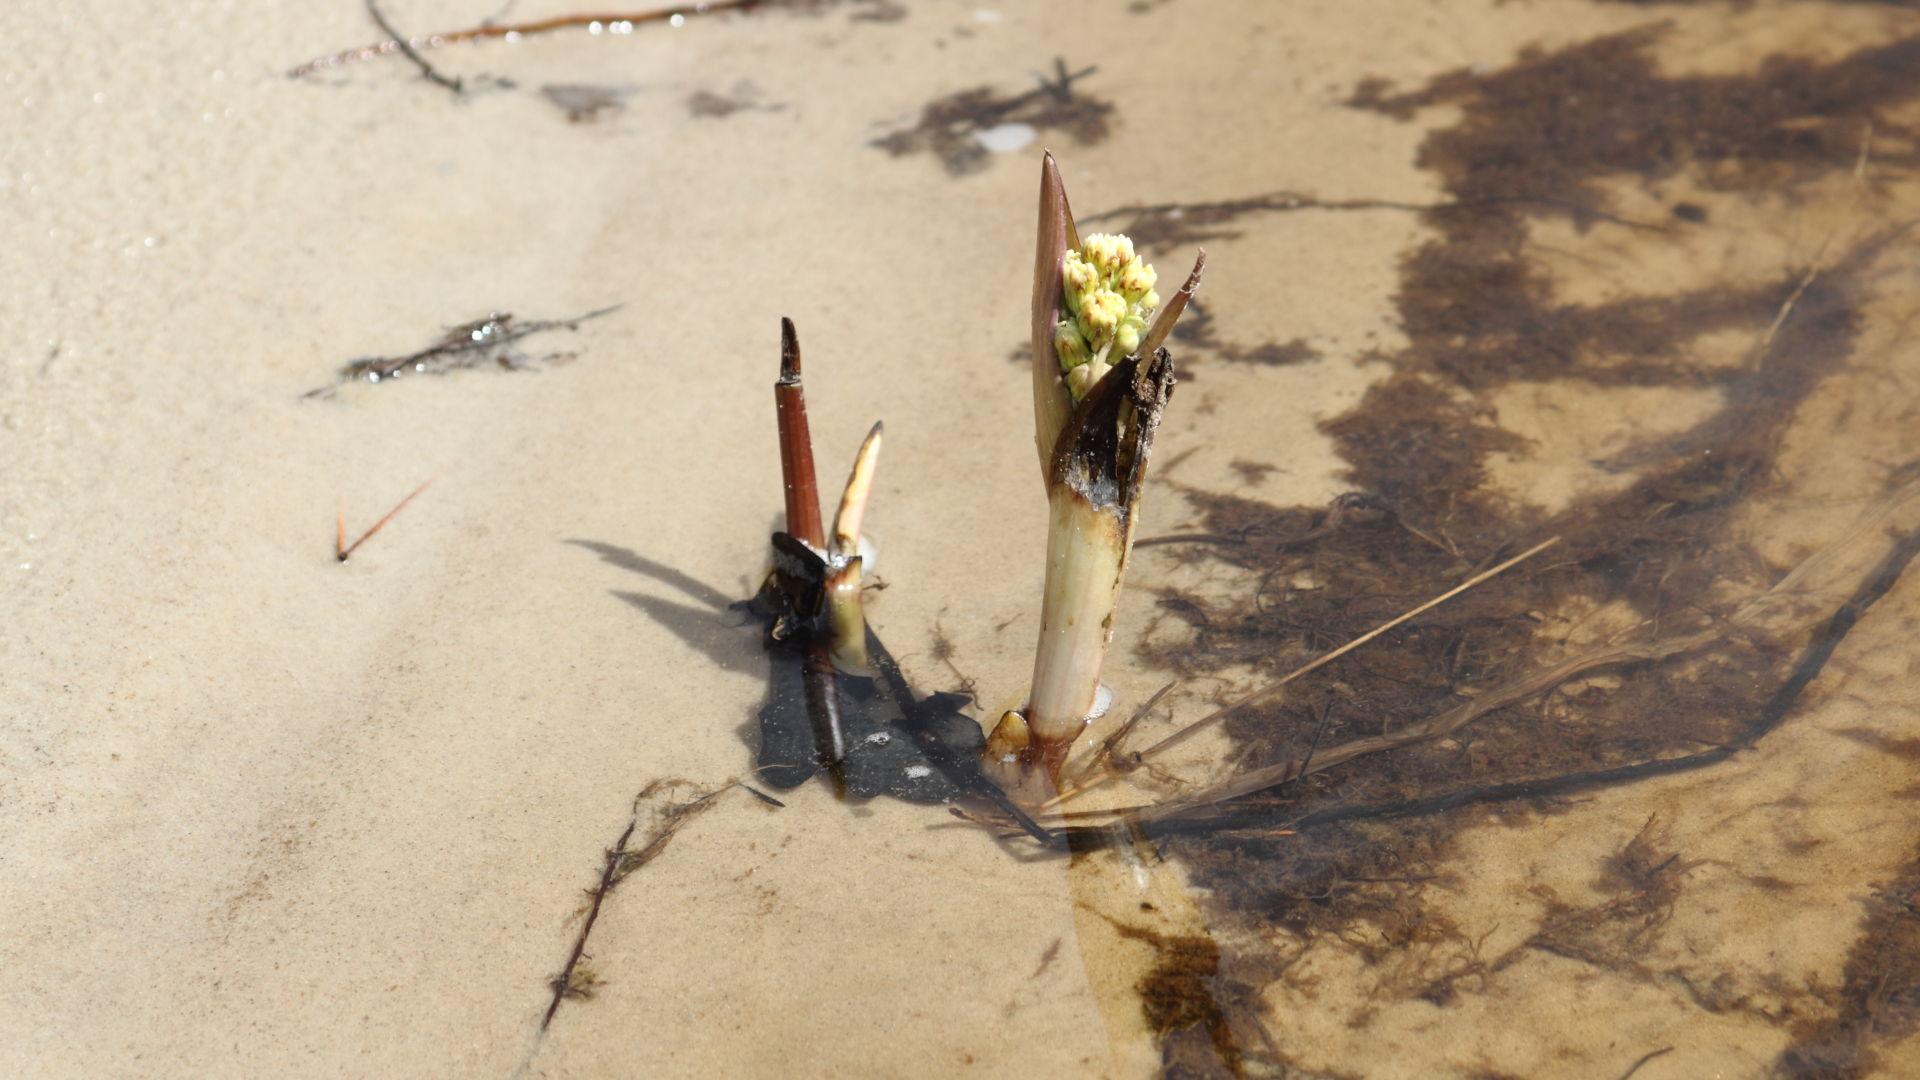 Начинающий цвести белокопытень на кромке воды. 28.04.2020